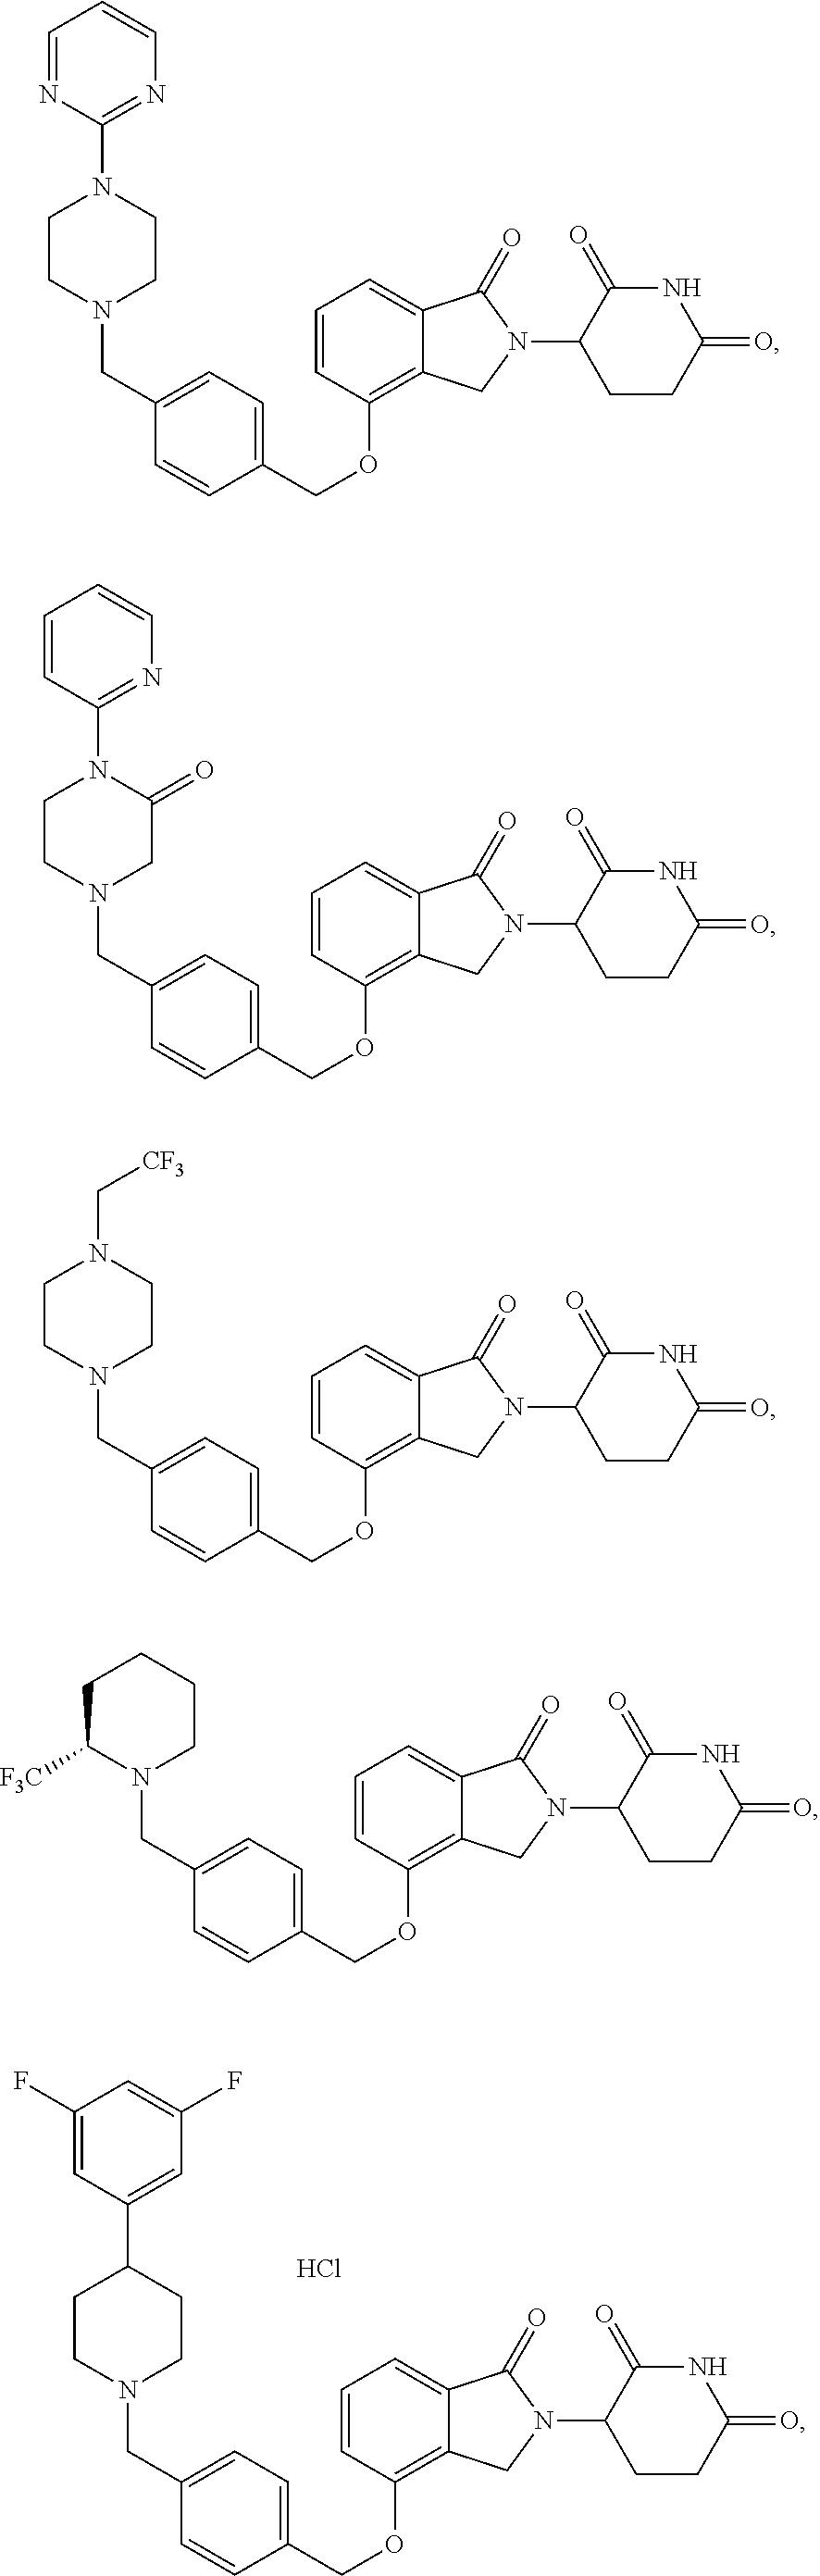 Figure US09587281-20170307-C00093